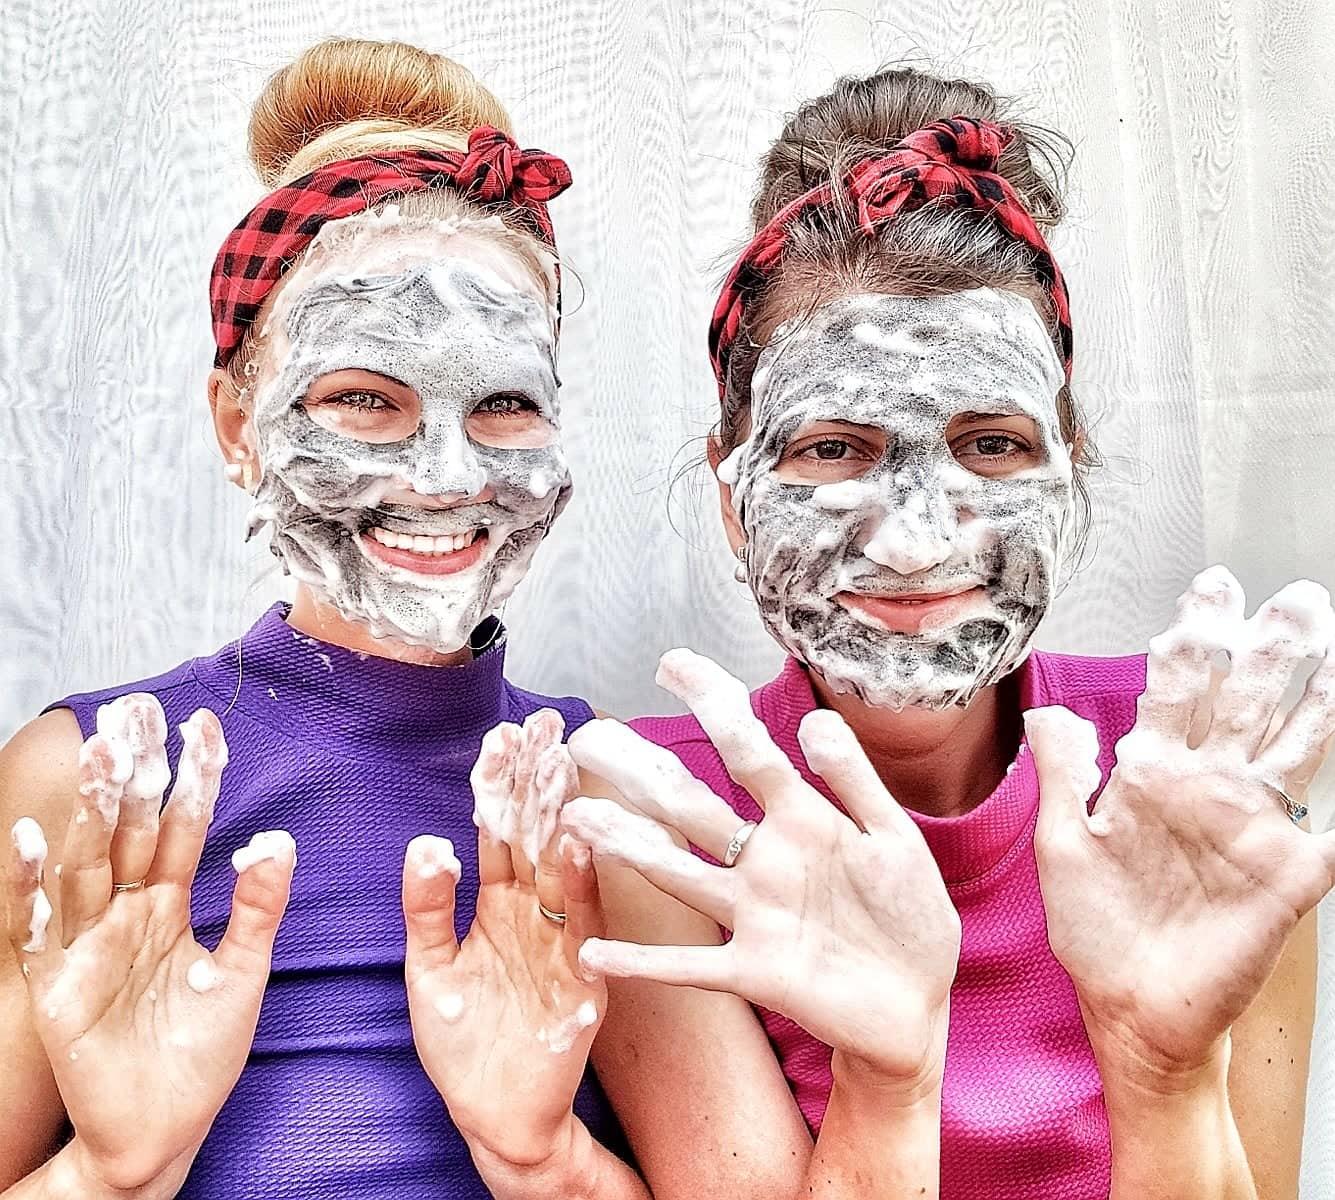 Bublinkové masky omlazují, čistí a rozzáří pleť